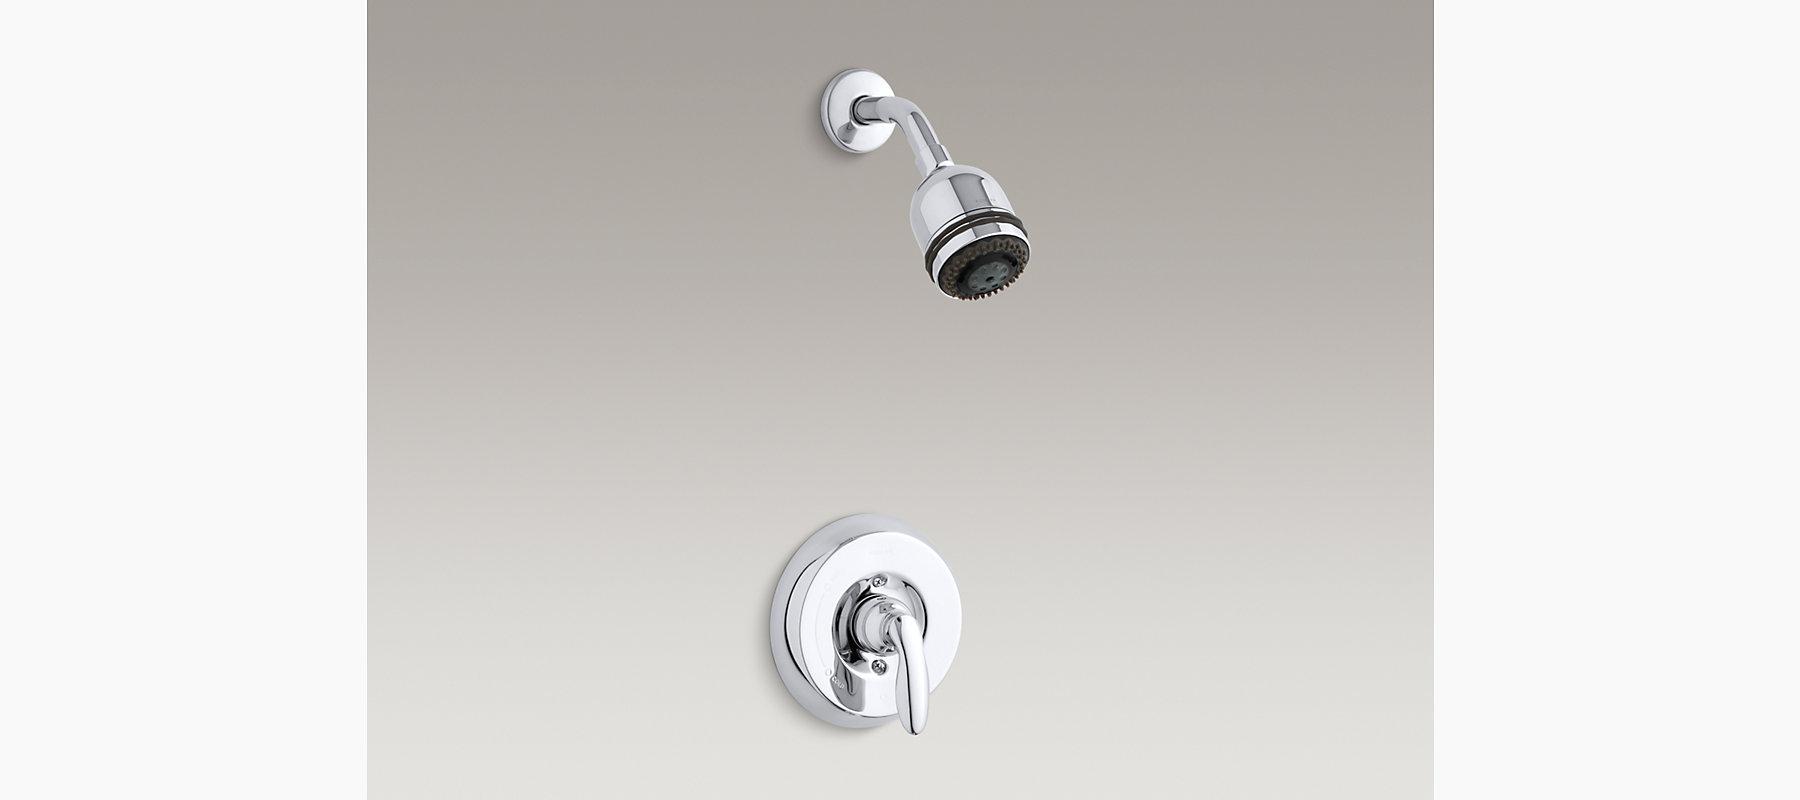 Coralais Shower Mixing Valve Faucet Trim KT KOHLER - Kohler coralais bathroom faucet